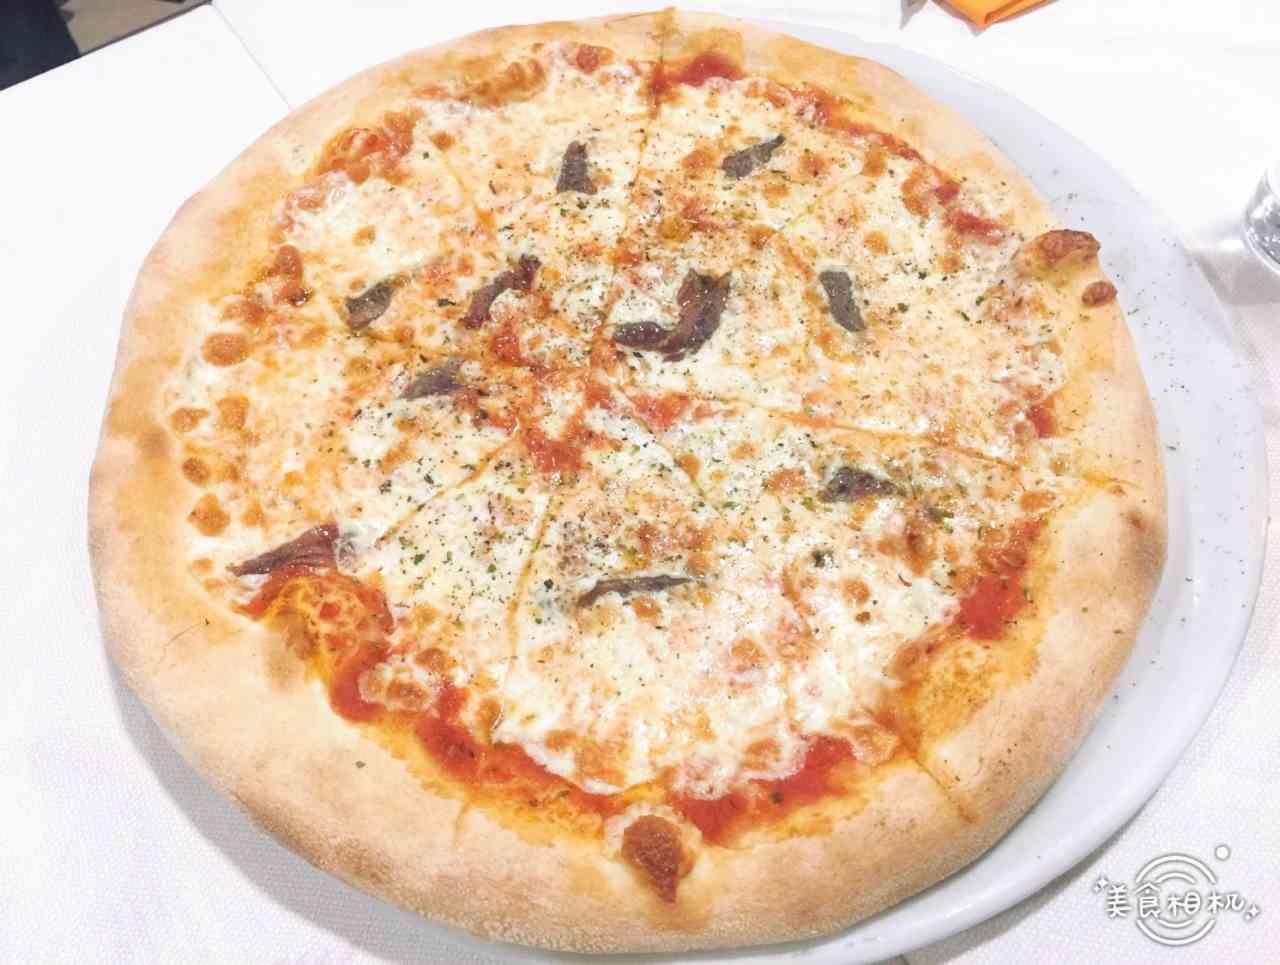 義大利米蘭pizza店